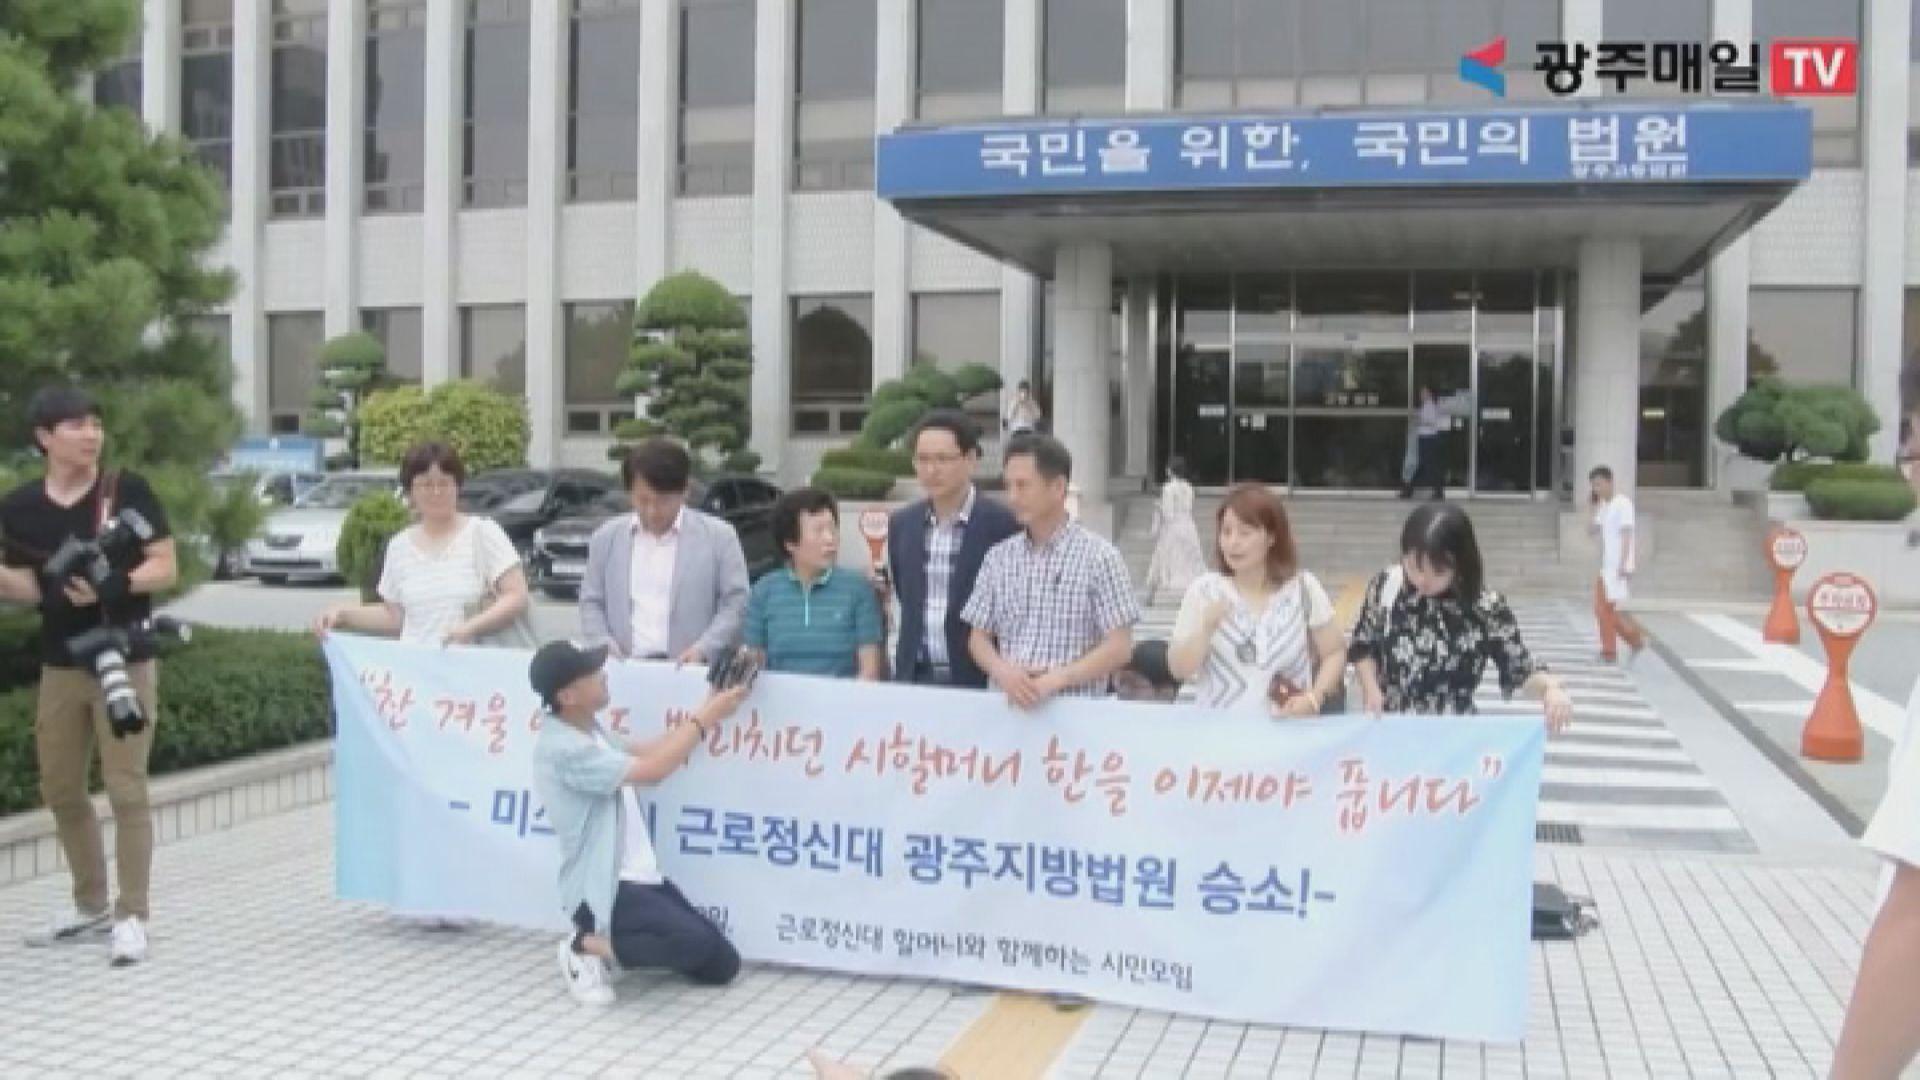 南韓對「戰犯企業」仍非常敏感